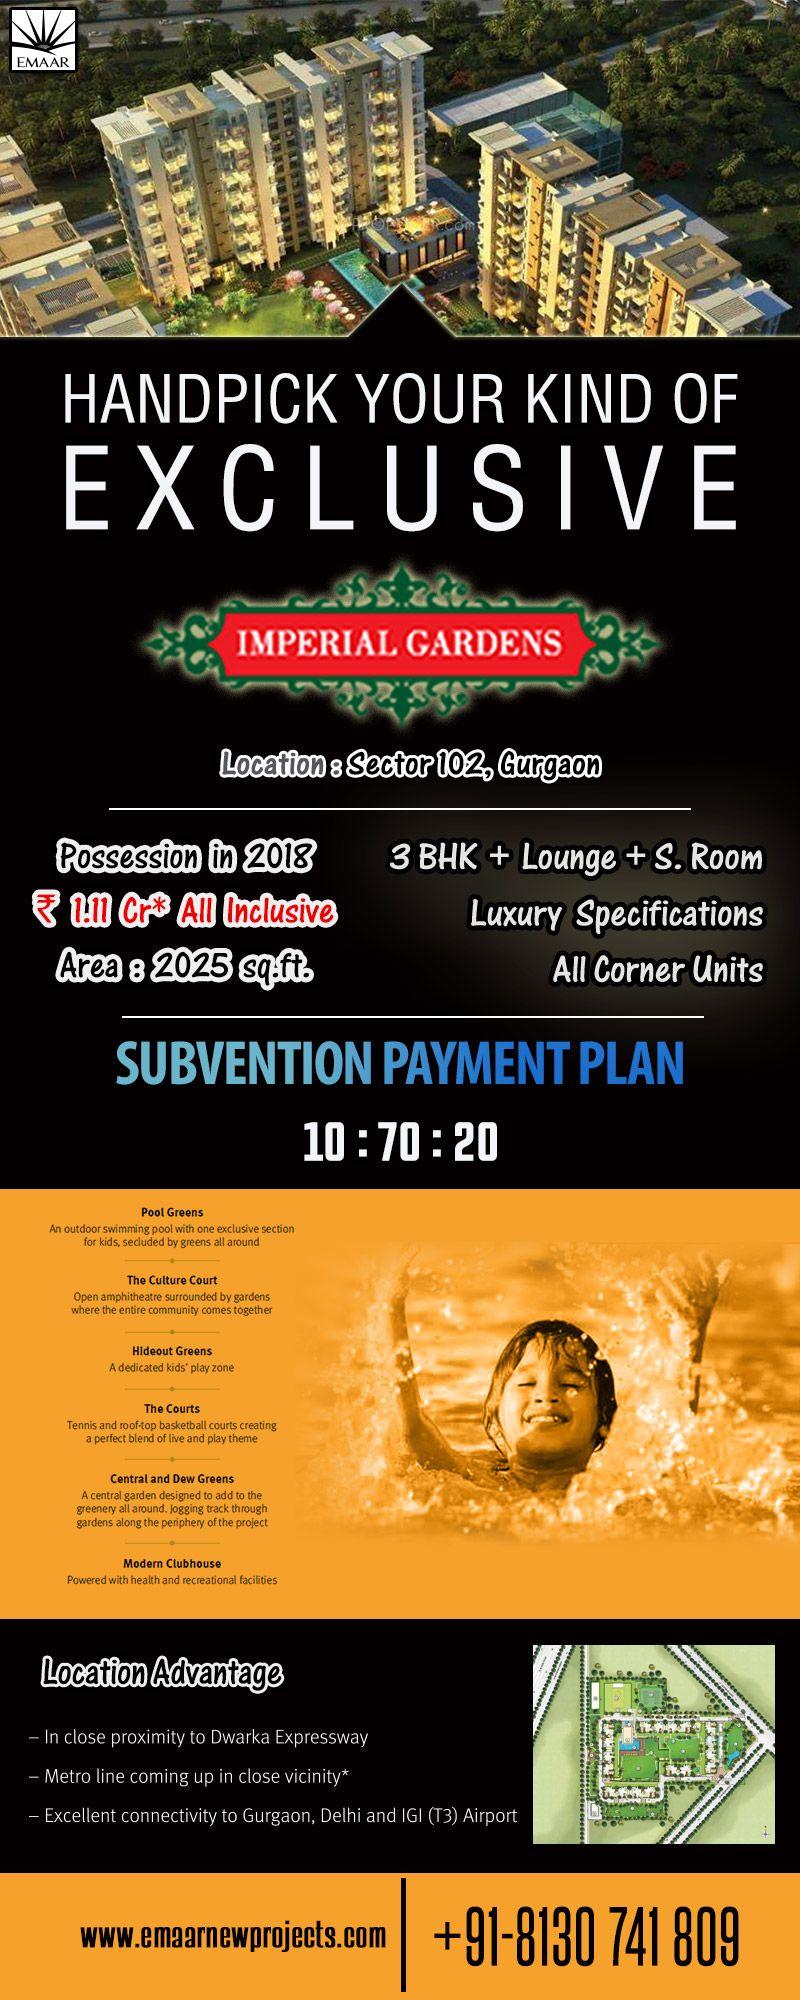 Emaar India presents Emaar Imperial Gardens is located in